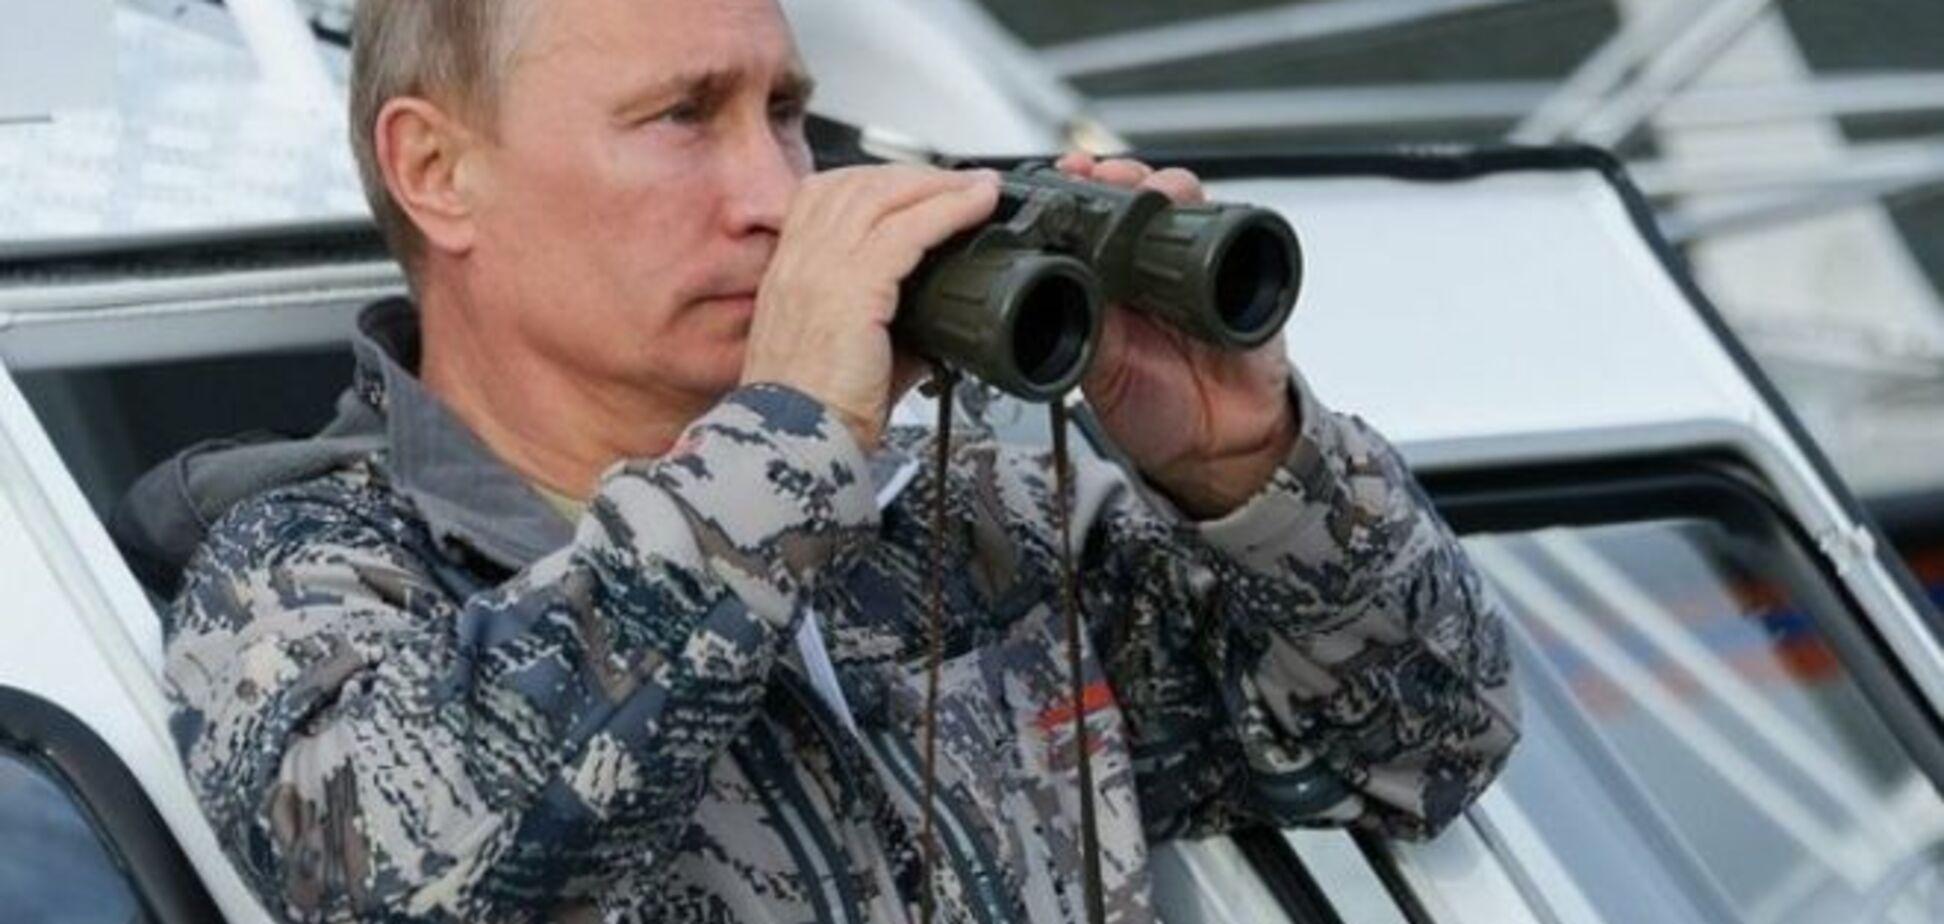 Ігри в війнушки: у приймальні Путіна помітили танк